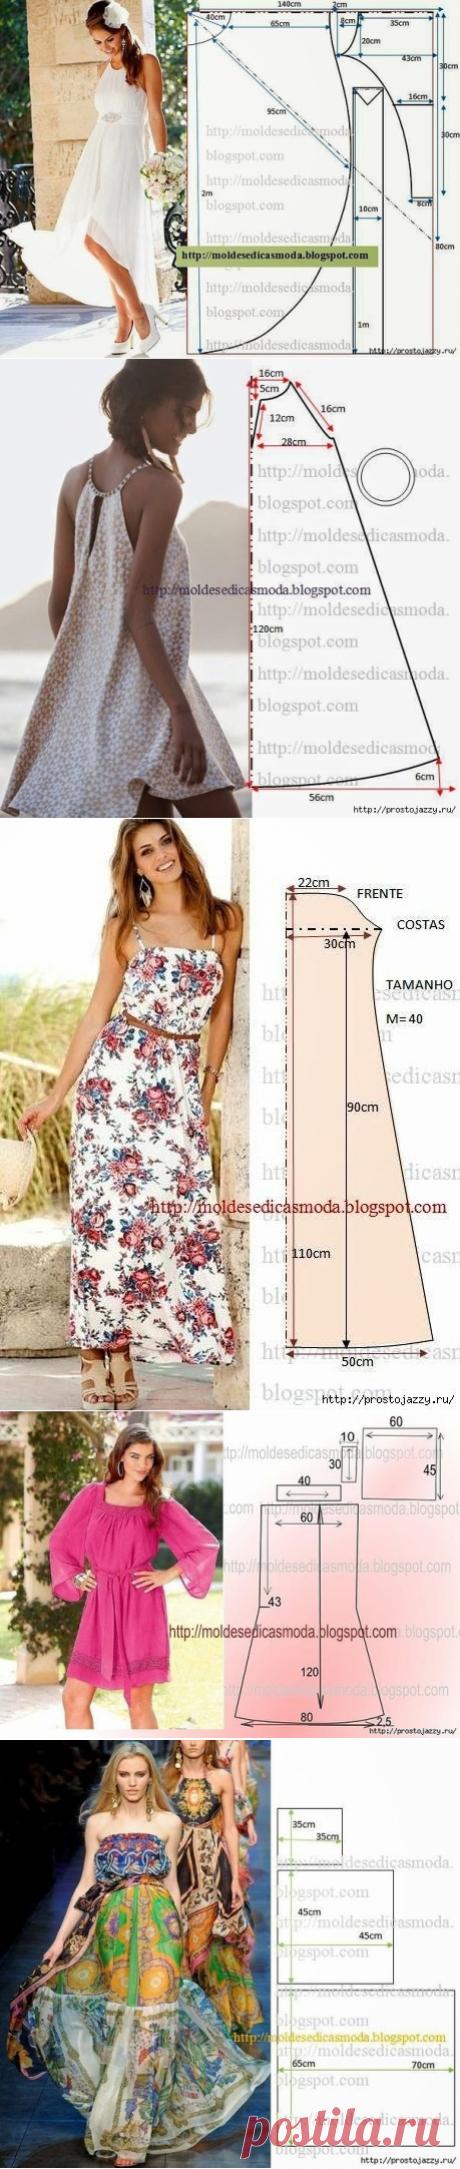 Los vestidos veraniegos — el patrón para todos los gustos (la Costura y el corte) | la Revista la Inspiración de la Laborera